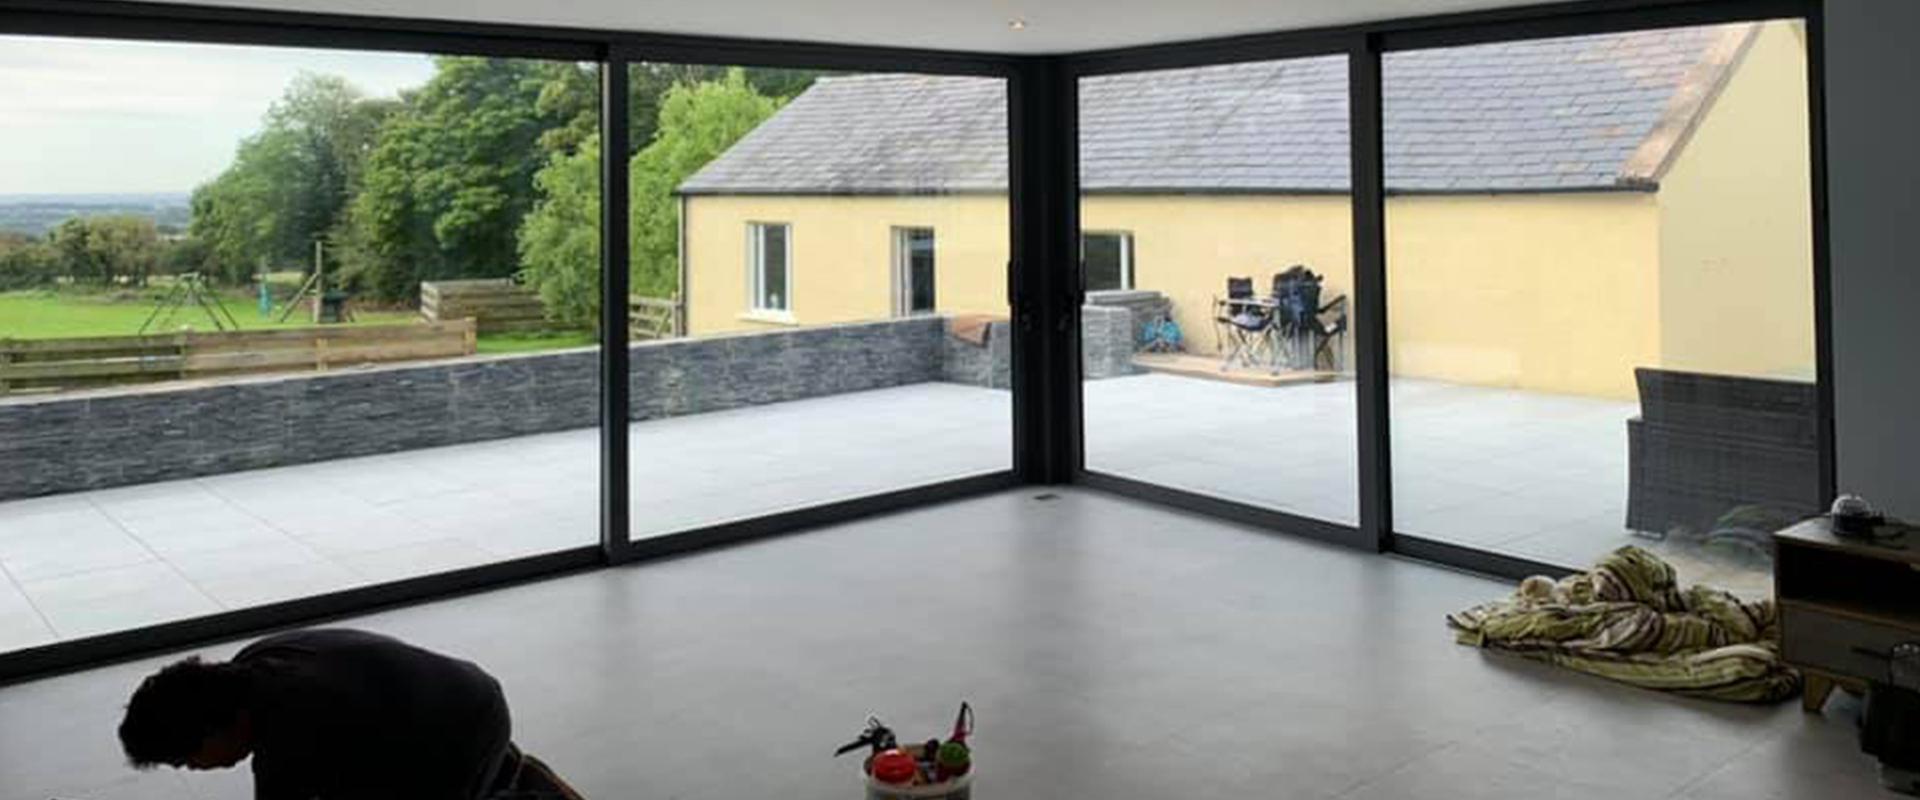 casestudy-contemporary-garden-room-extension1920x02